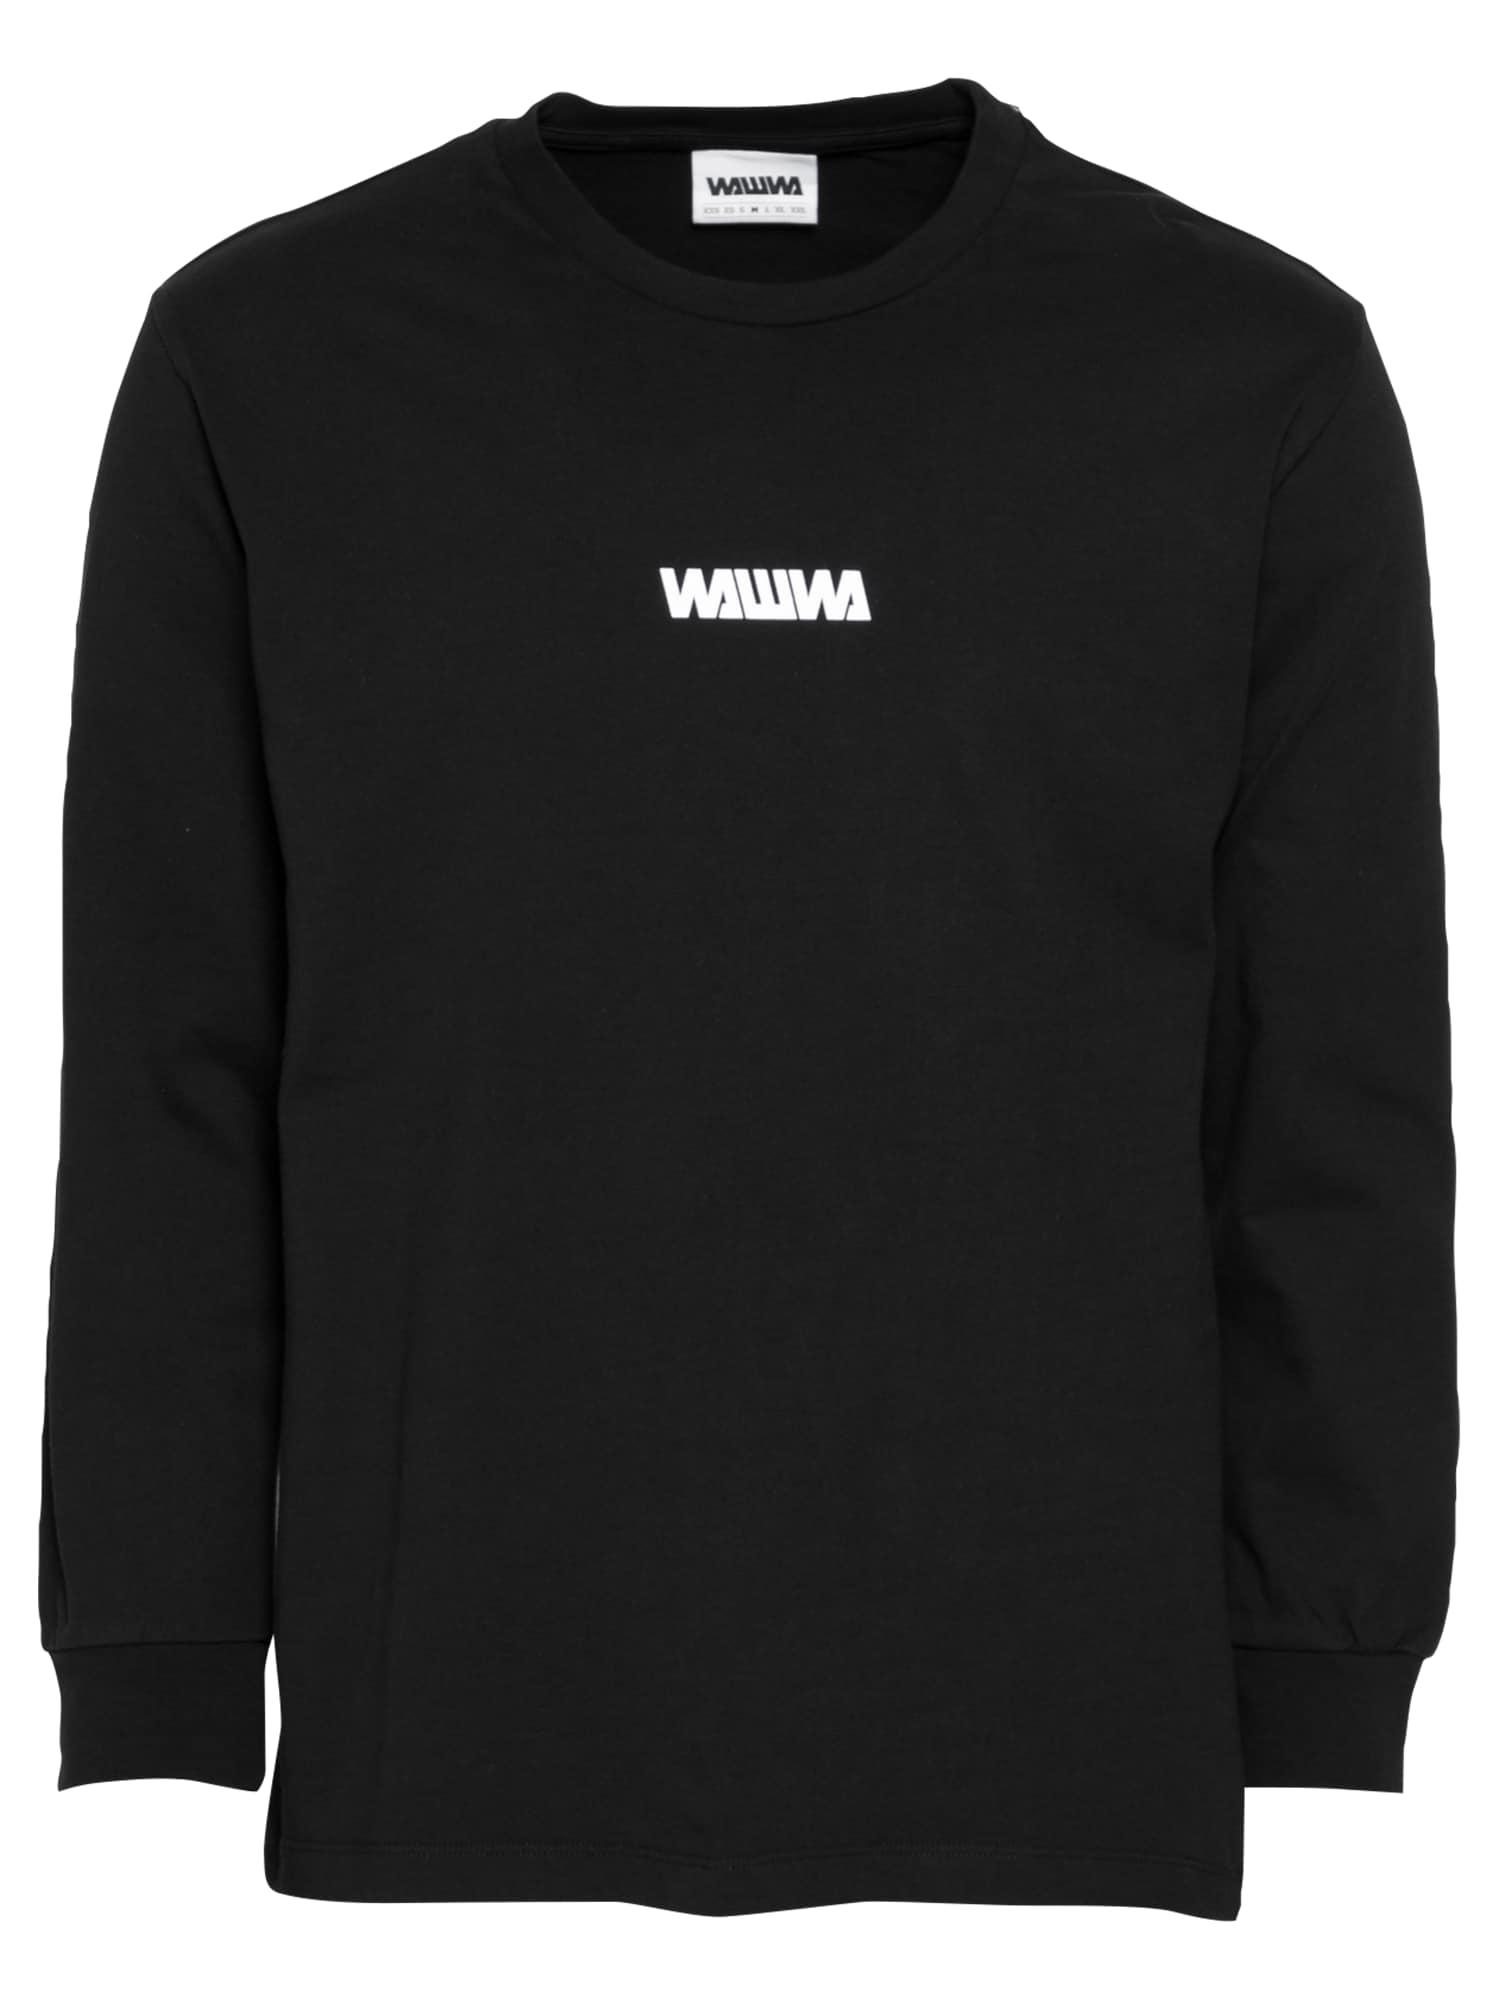 WAWWA Marškinėliai juoda / balta